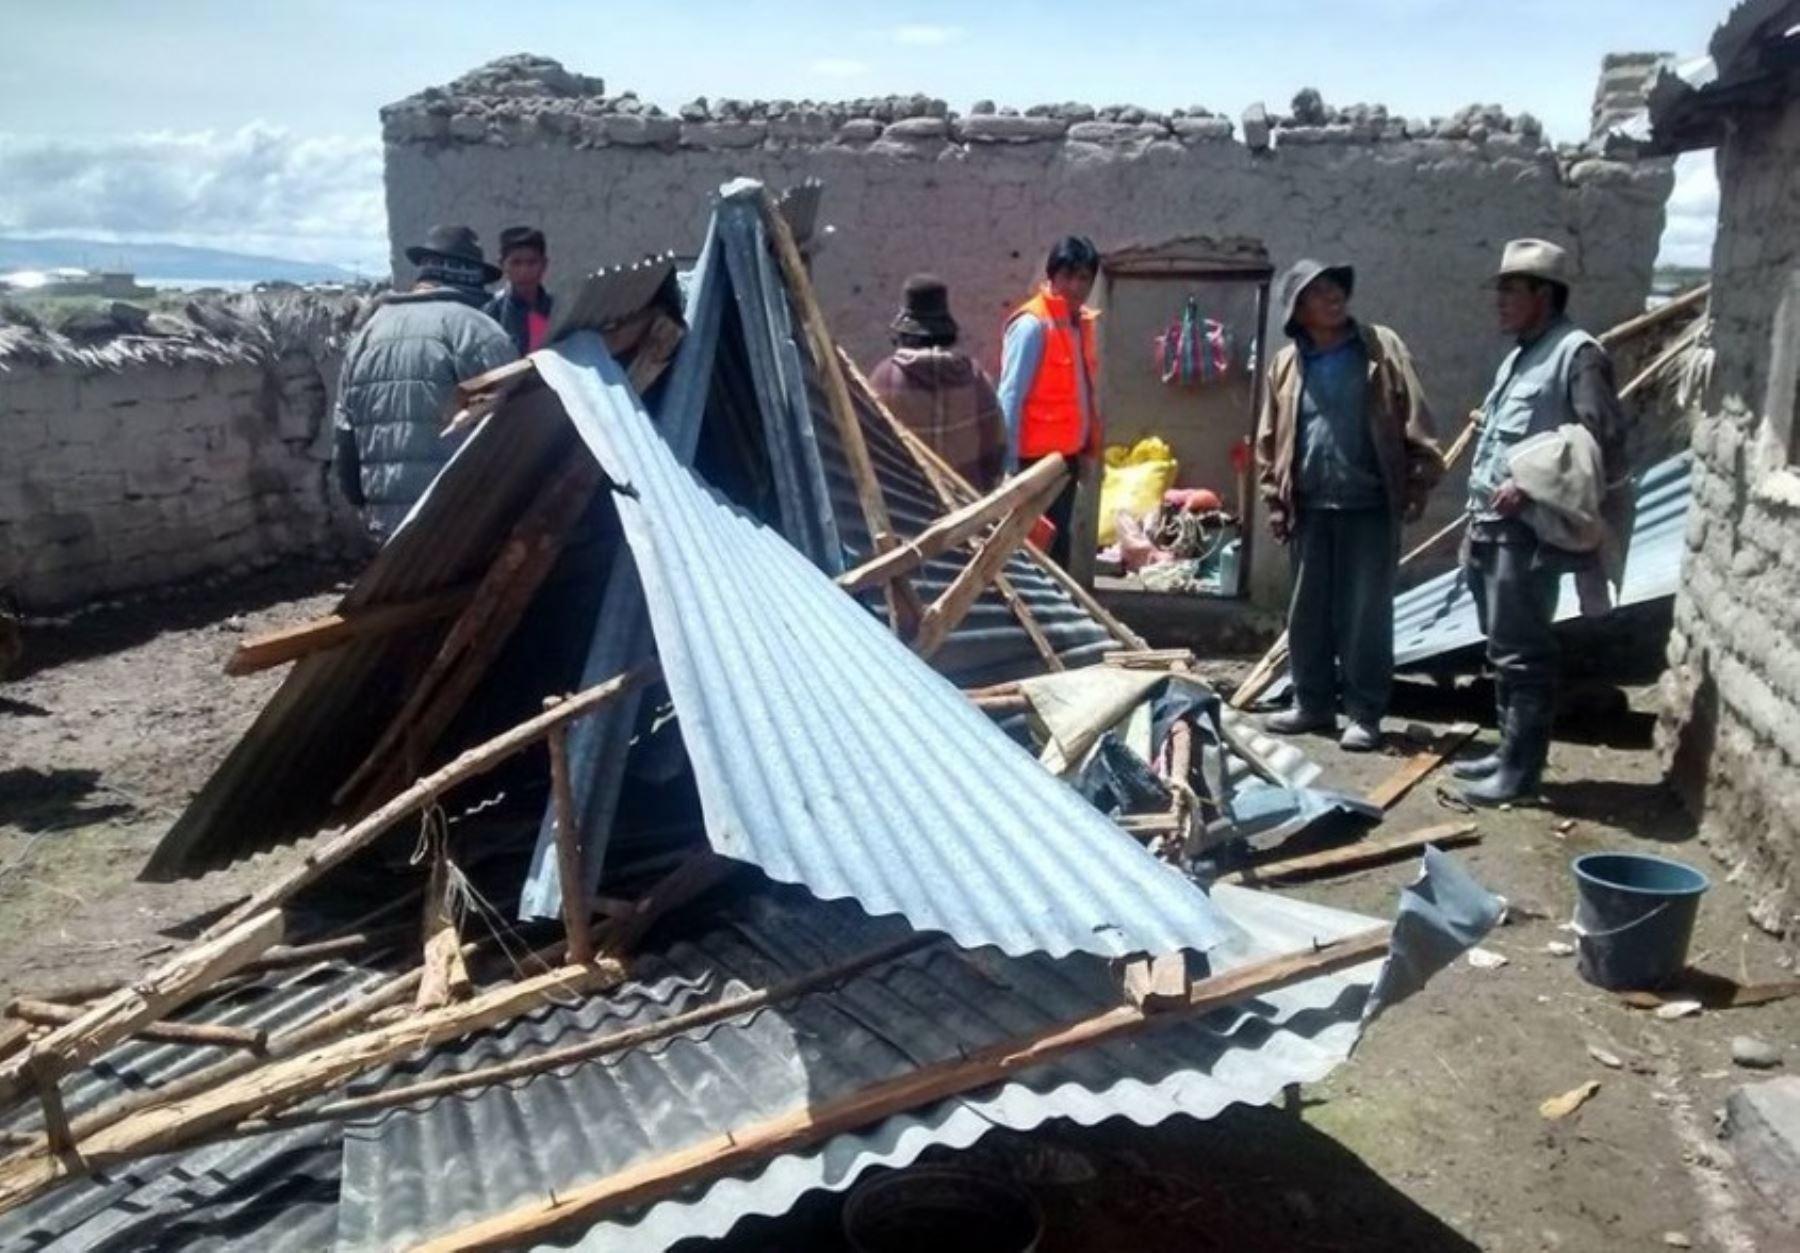 vientos fuertes se registraron el pasado 5 de setiembre en los distritos de Iquitos, Belén y San Juan Bautista,ANDINA